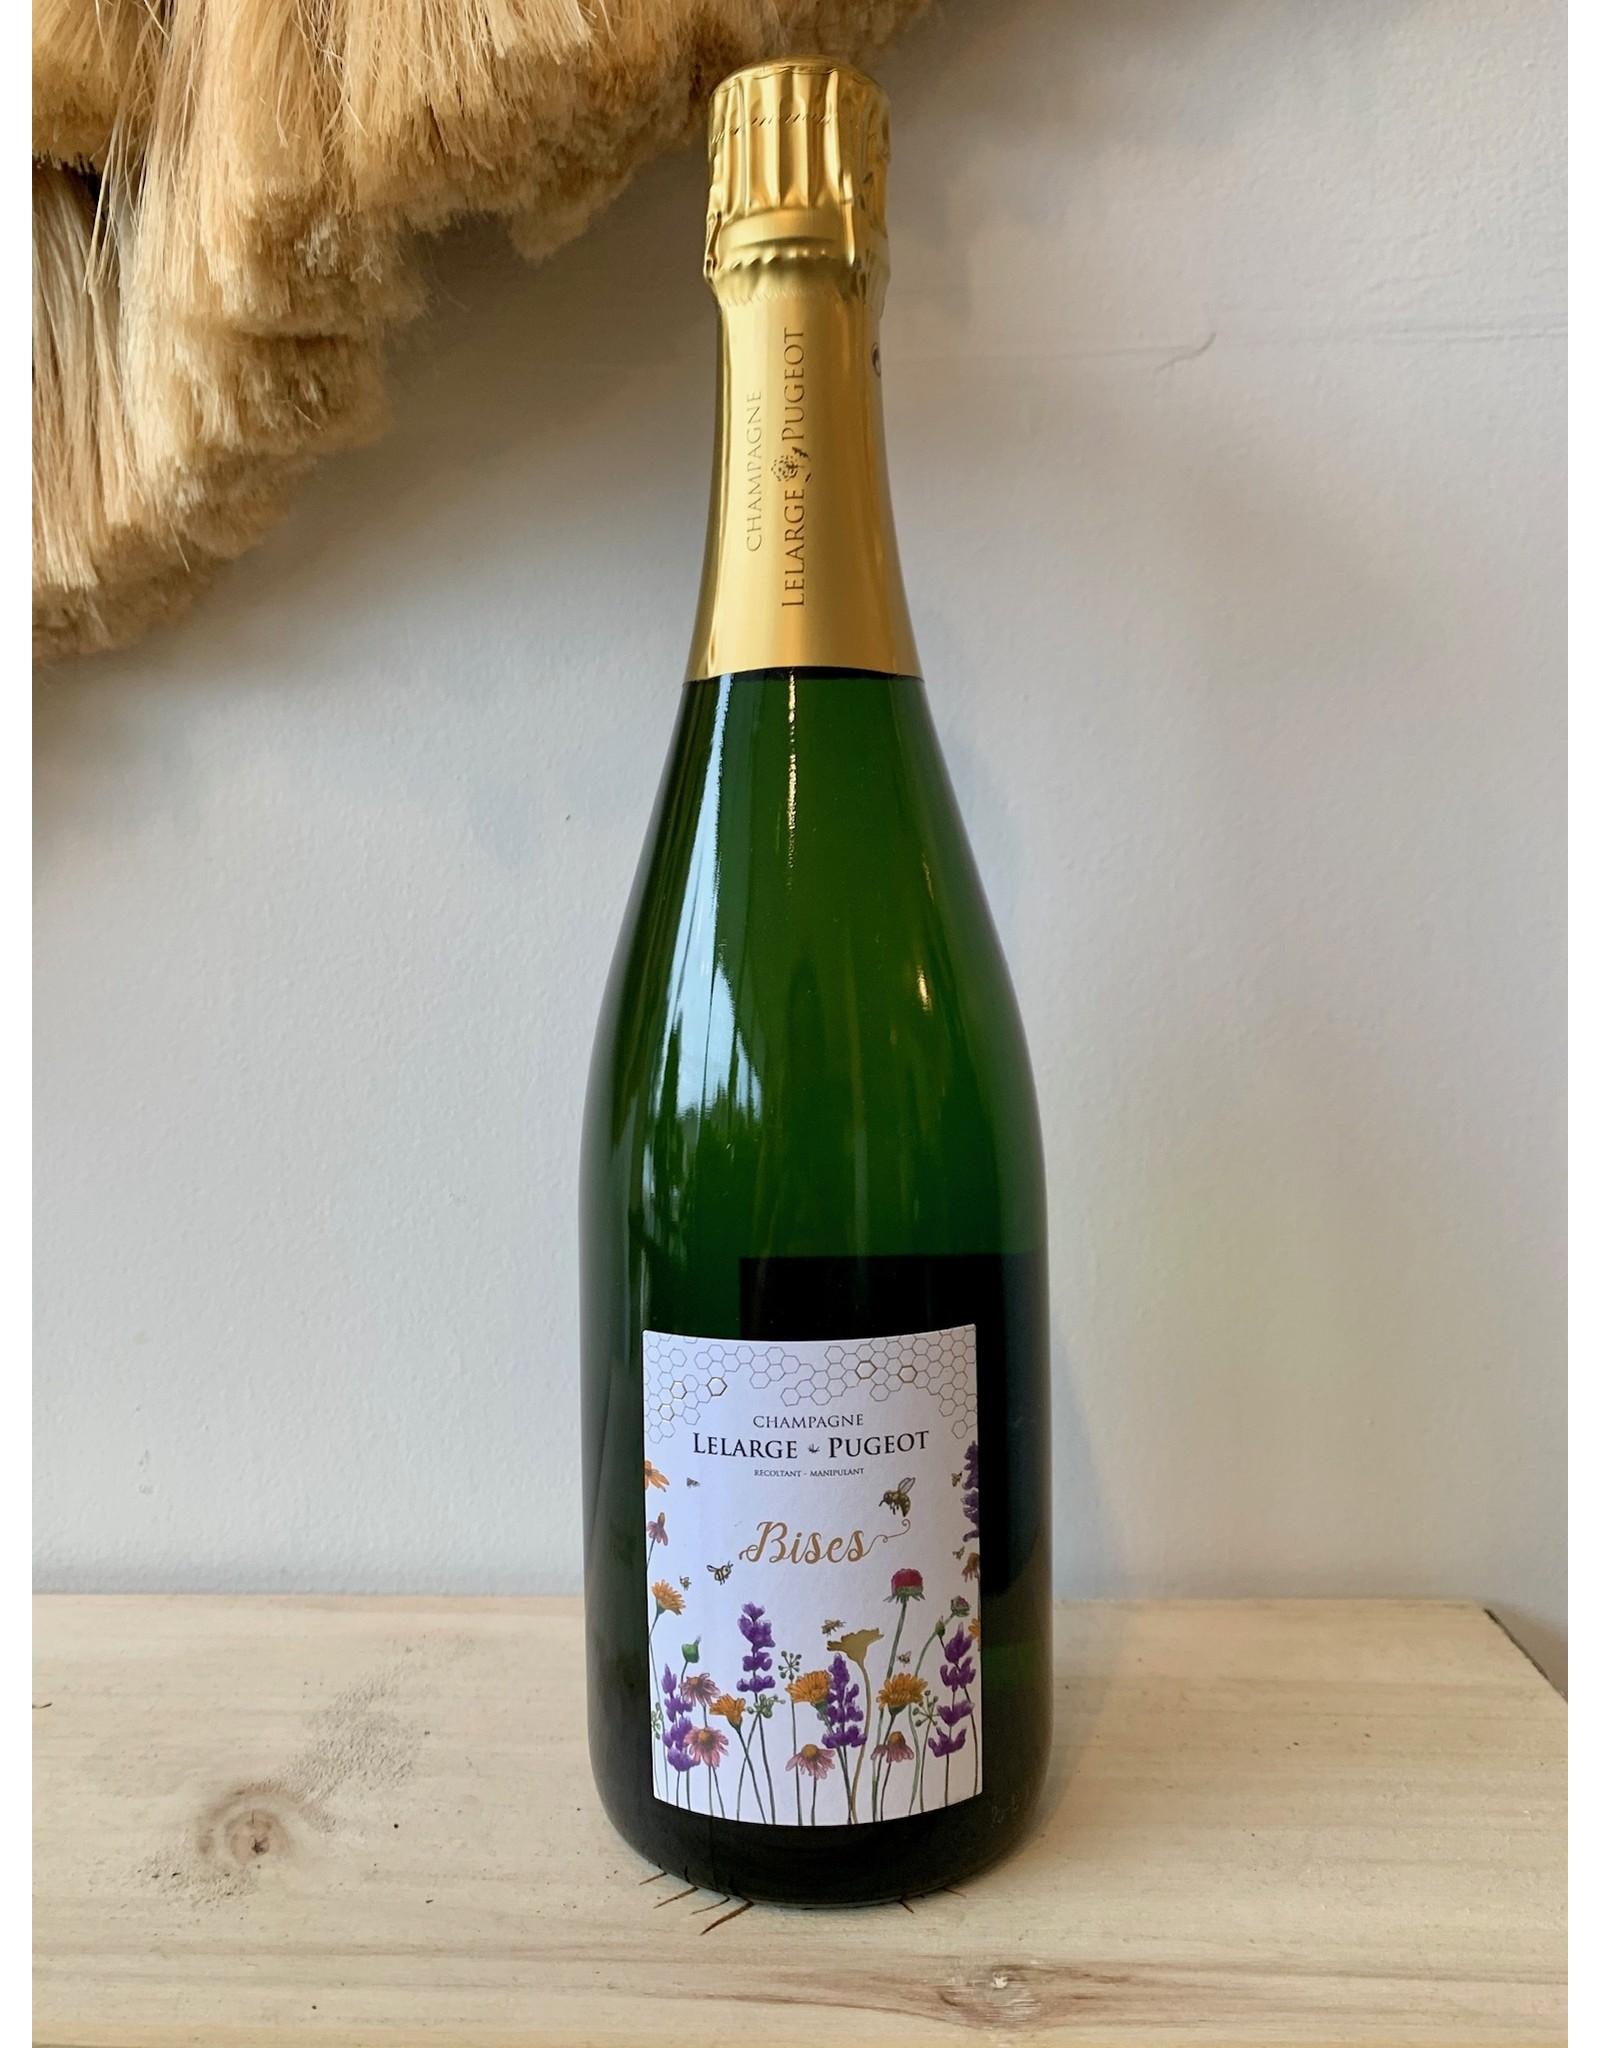 Champagne Lelarge-Pugeot Bises